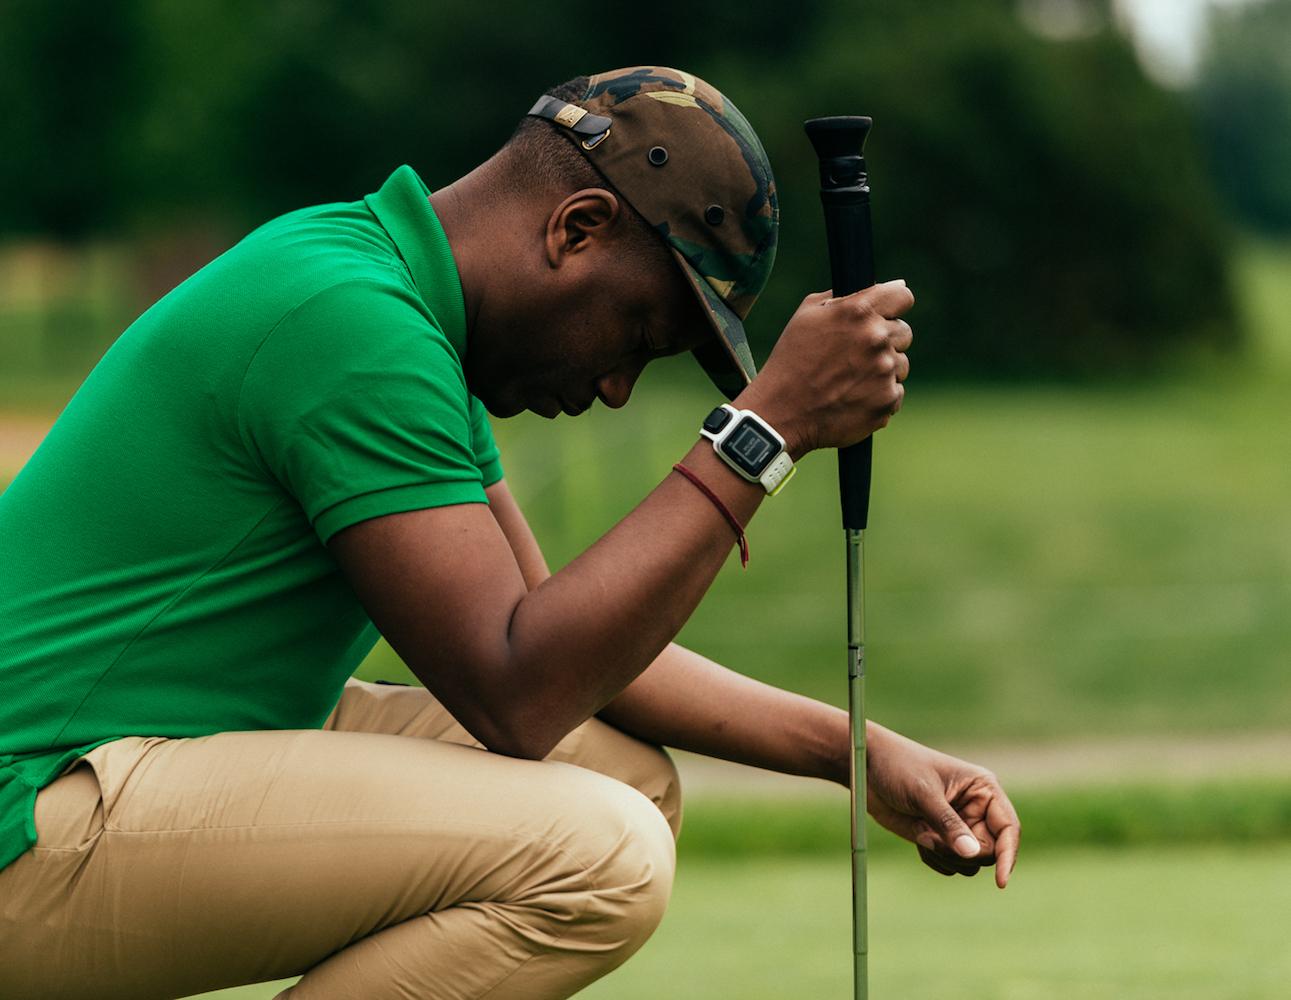 tomtom-golfer-gps-golf-device-04